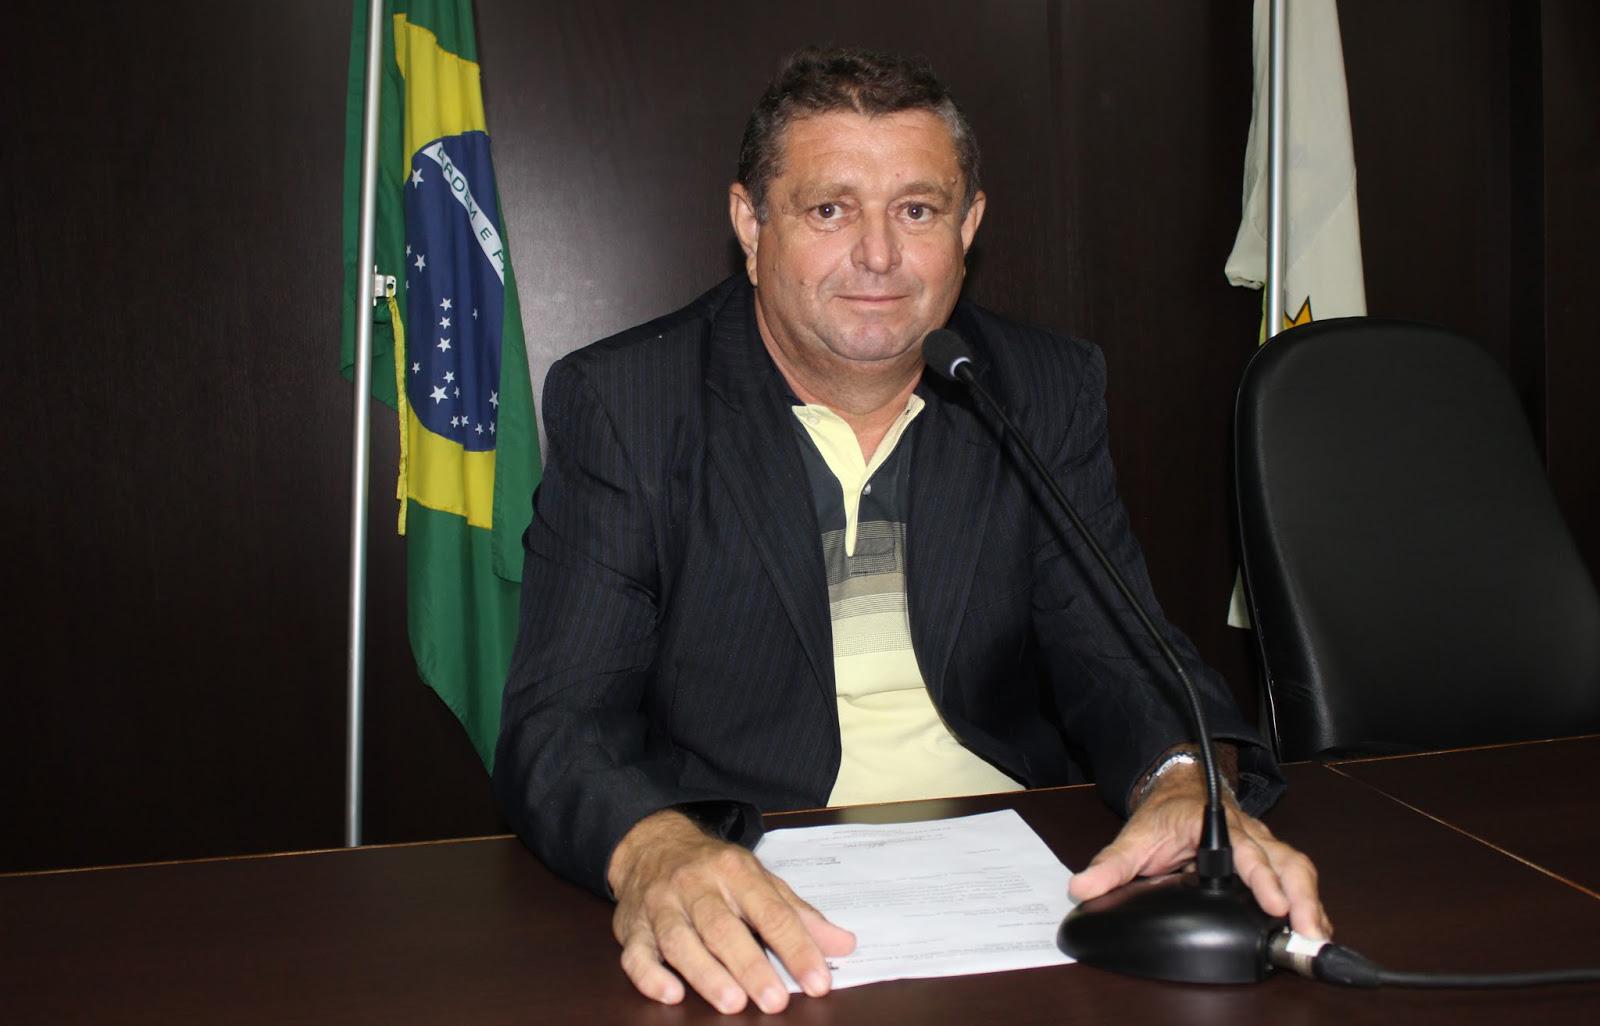 Antônio Carlos pede ações administrativas para bairro da cidade (Foto: Jailton Rodrigues)